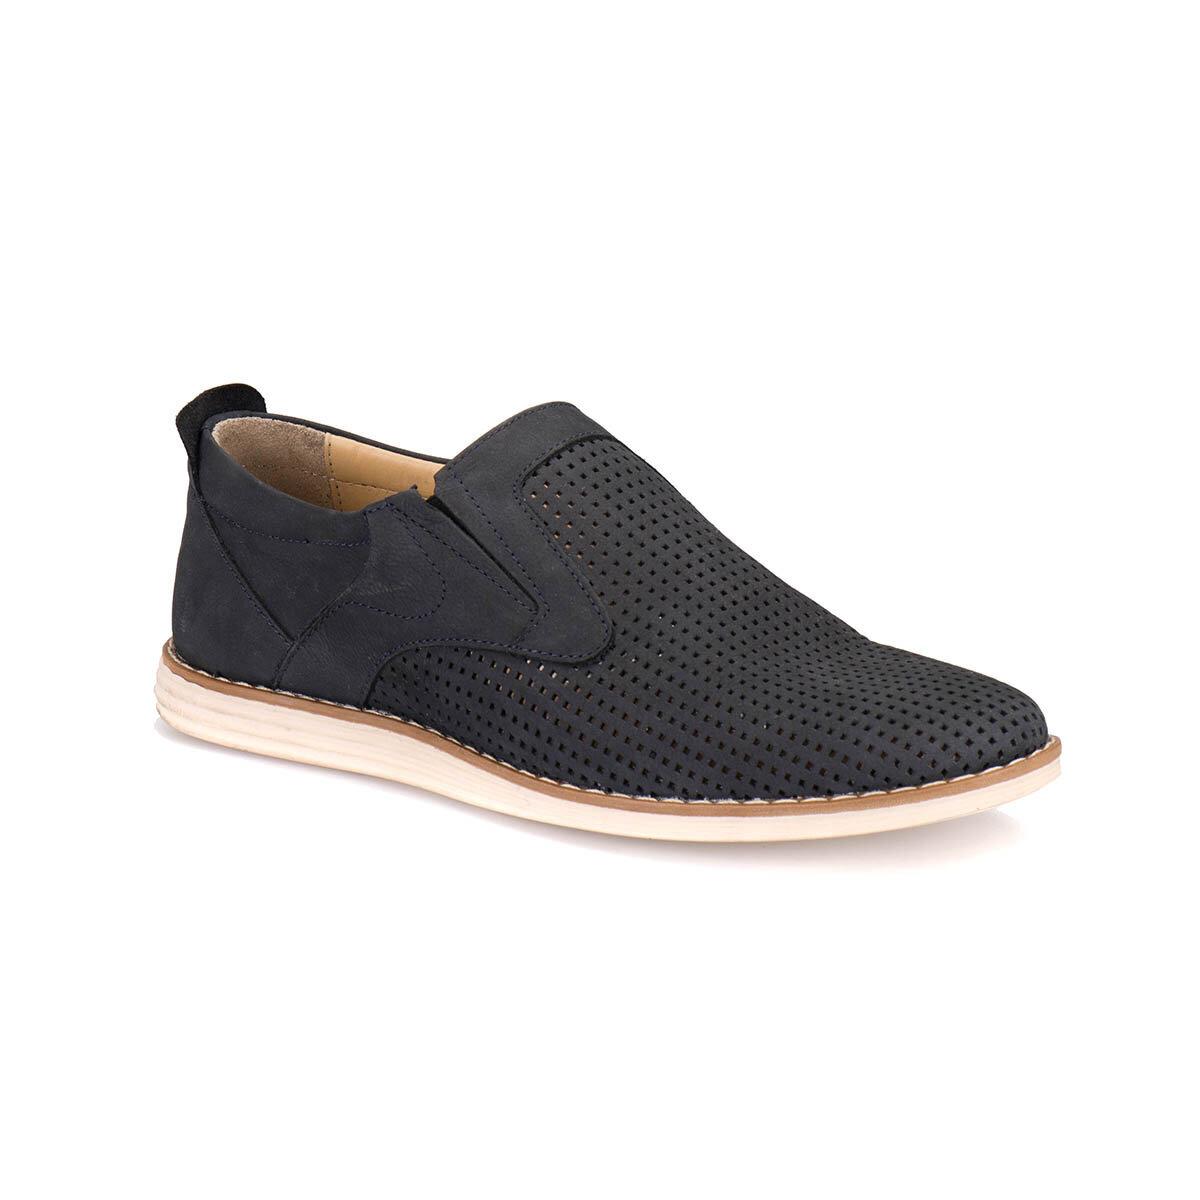 Lacivert Erkek Klasik Ayakkabı 2400 M 6674